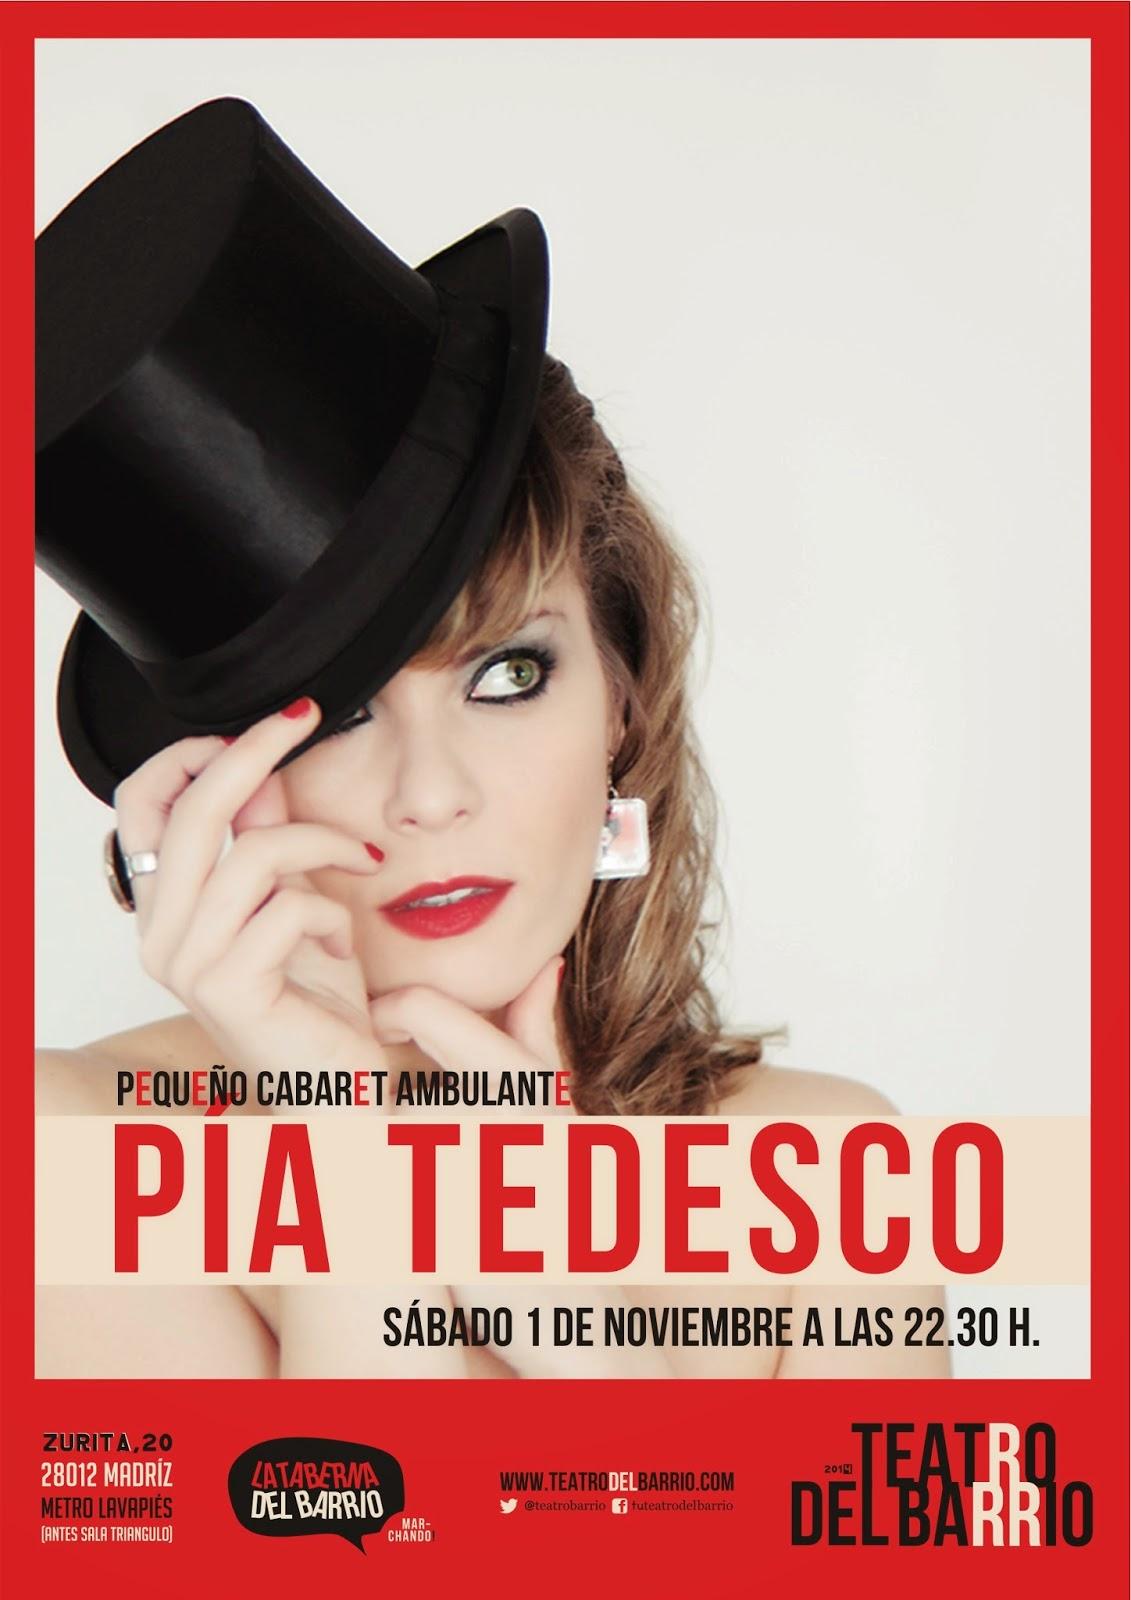 PIA TEDESCO Pequeño Cabaret Ambulante Teatro del Barrio